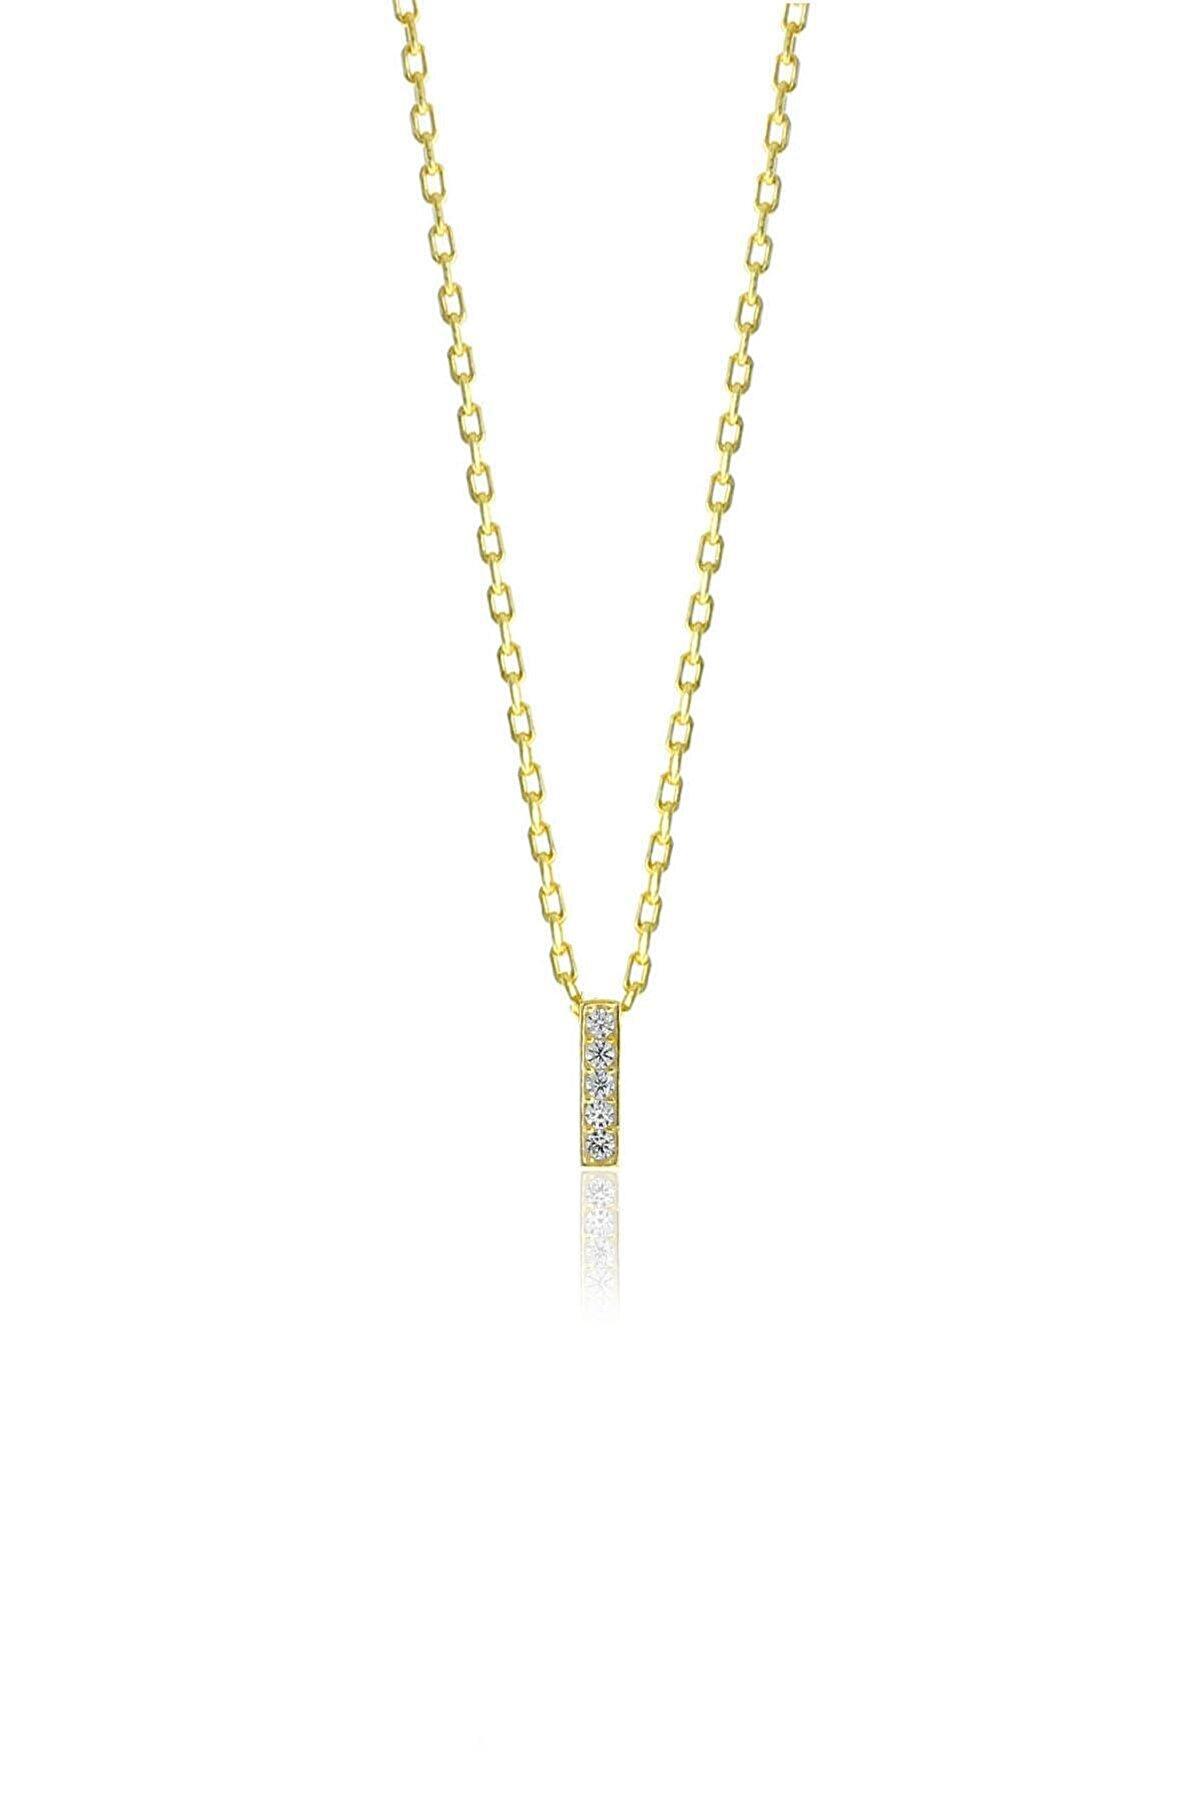 Söğütlü Silver Gümüş  Altın Yaldızlı Üç Boyutlu Minimal I Gümüş Harf Kolye